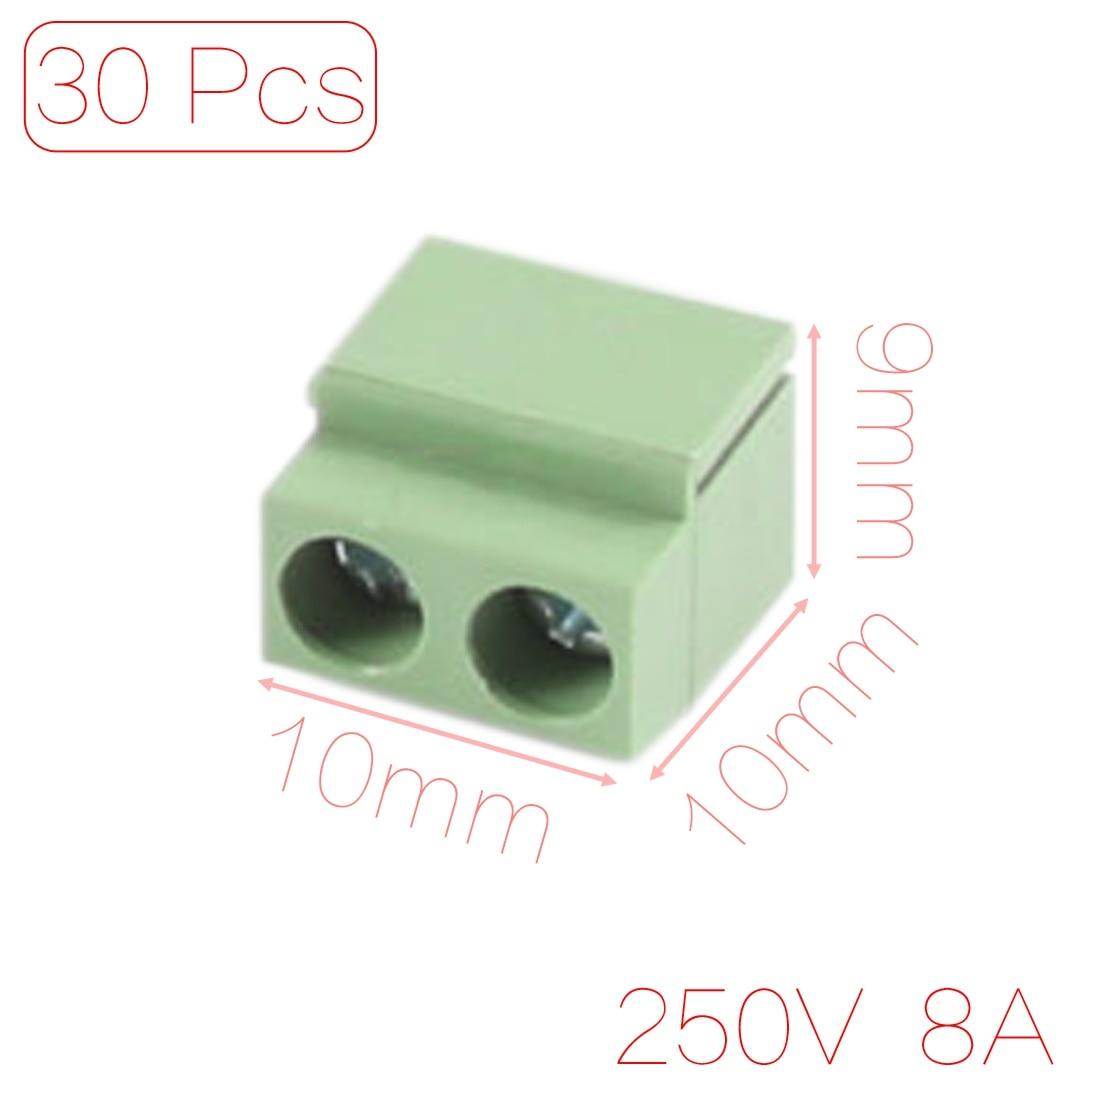 6.8mm 100pcs Uxcell Car Non-insulated Spade Crimp Terminals Connectors